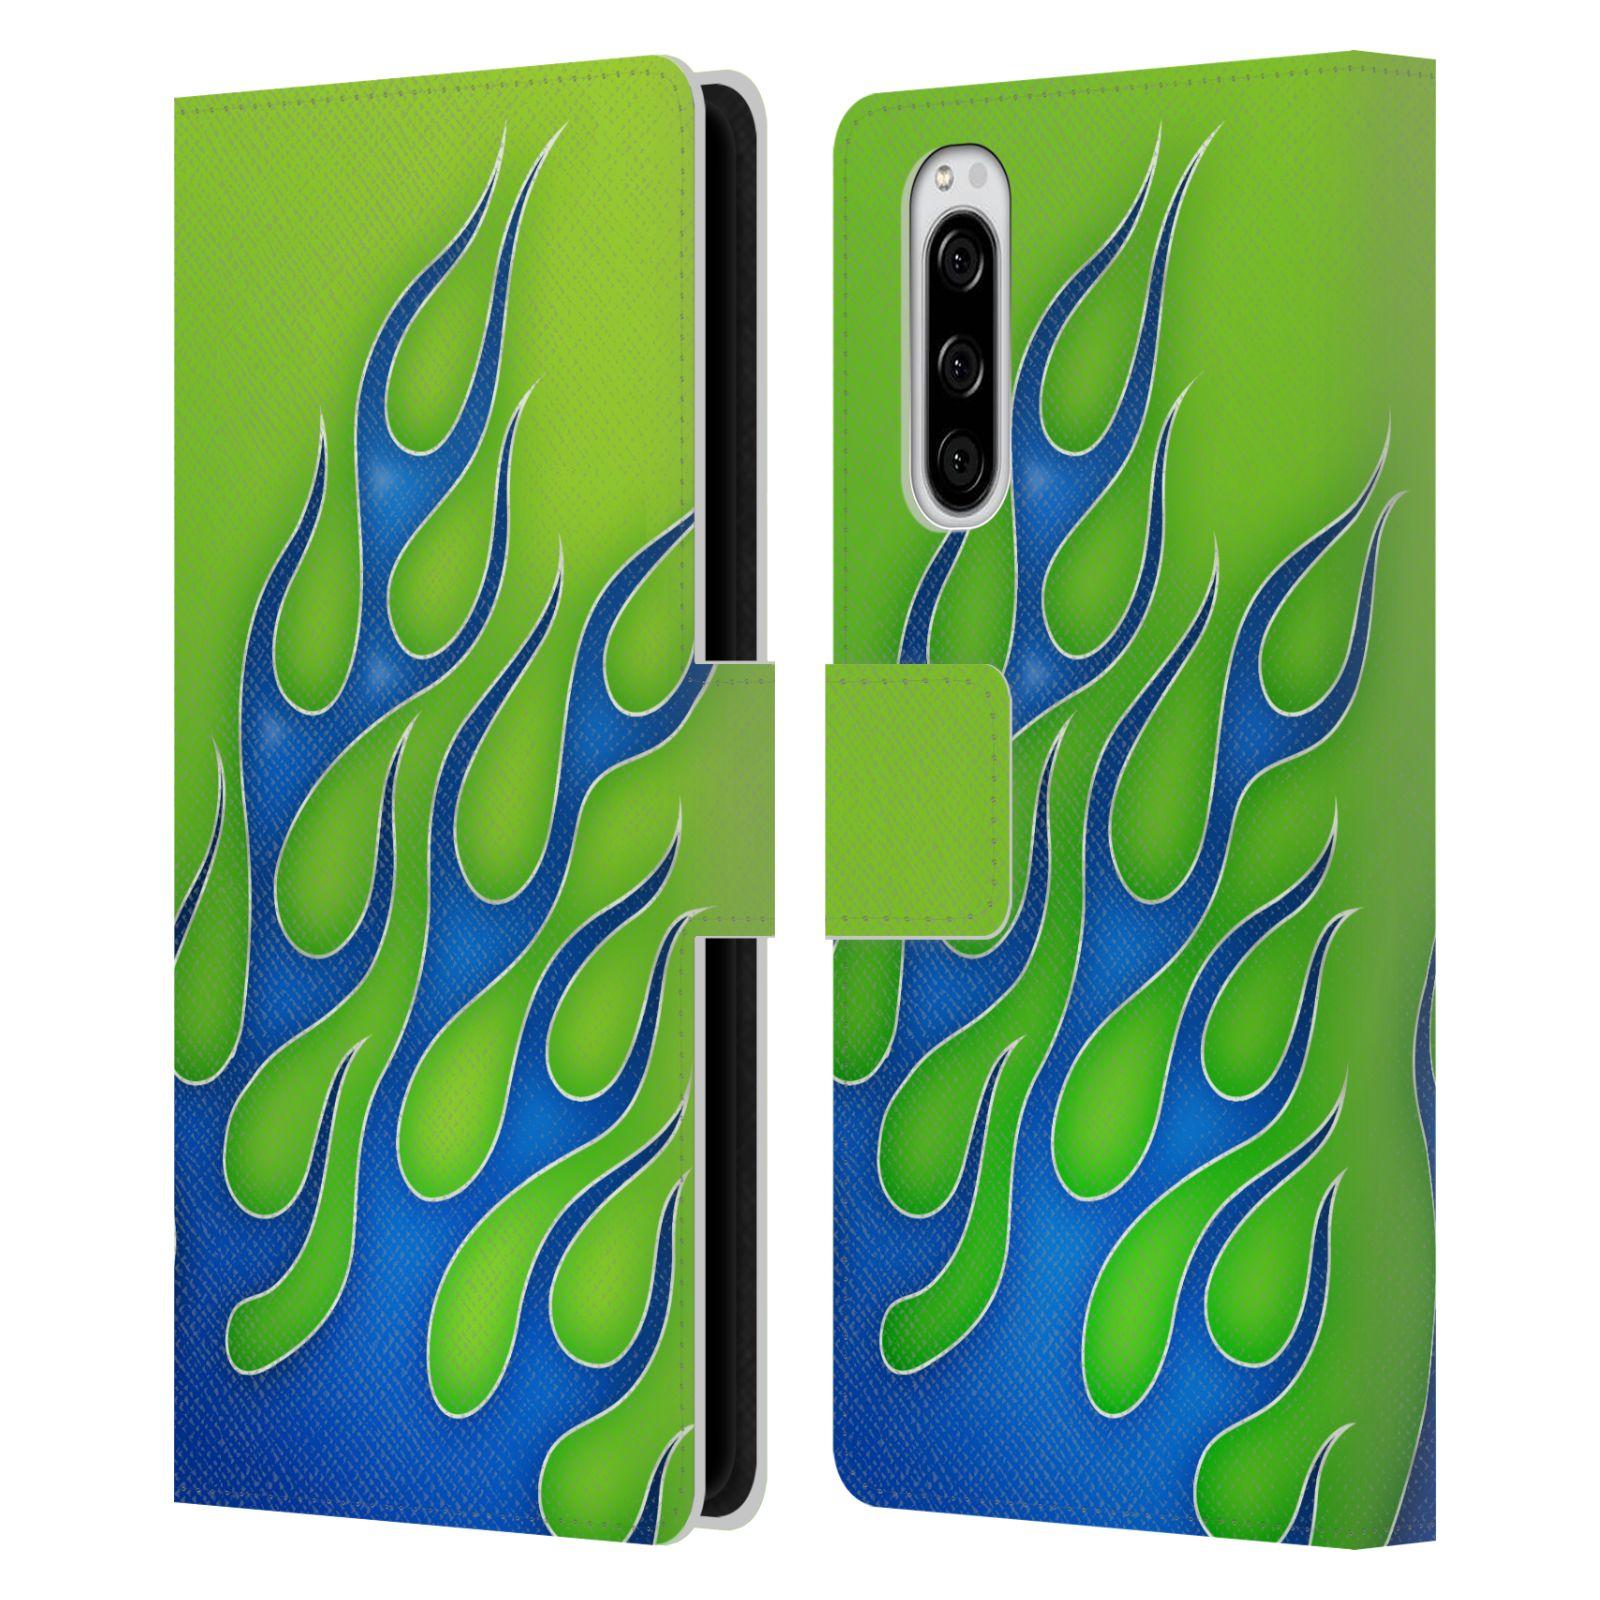 Pouzdro na mobil Sony Xperia 5 barevné ohnivé plameny modrá a zelená